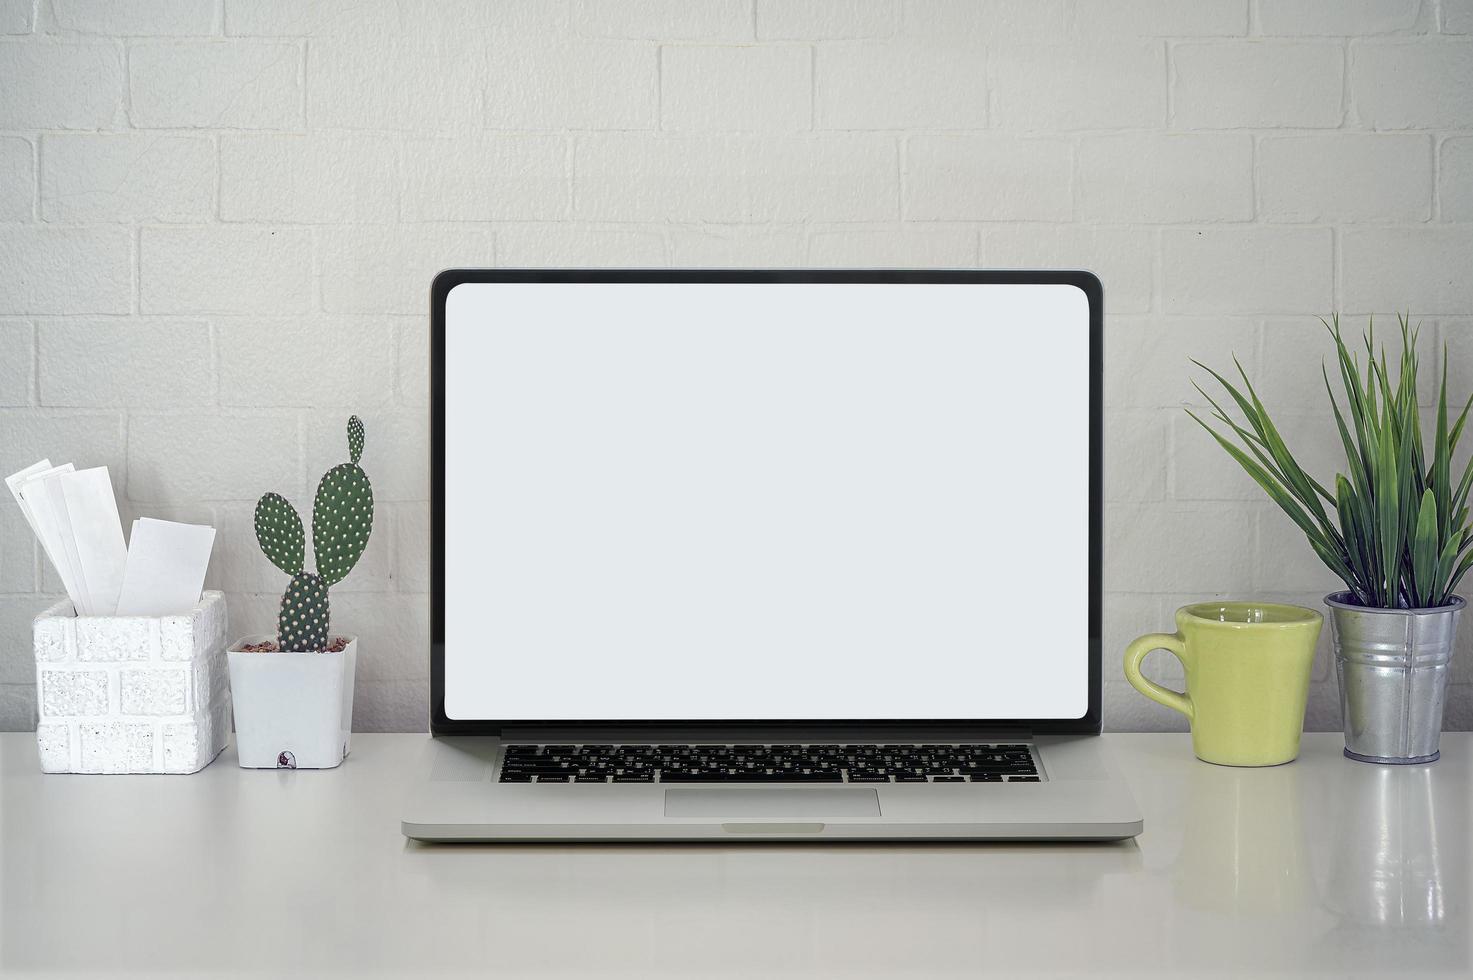 maquete de laptop com plantas em uma mesa foto